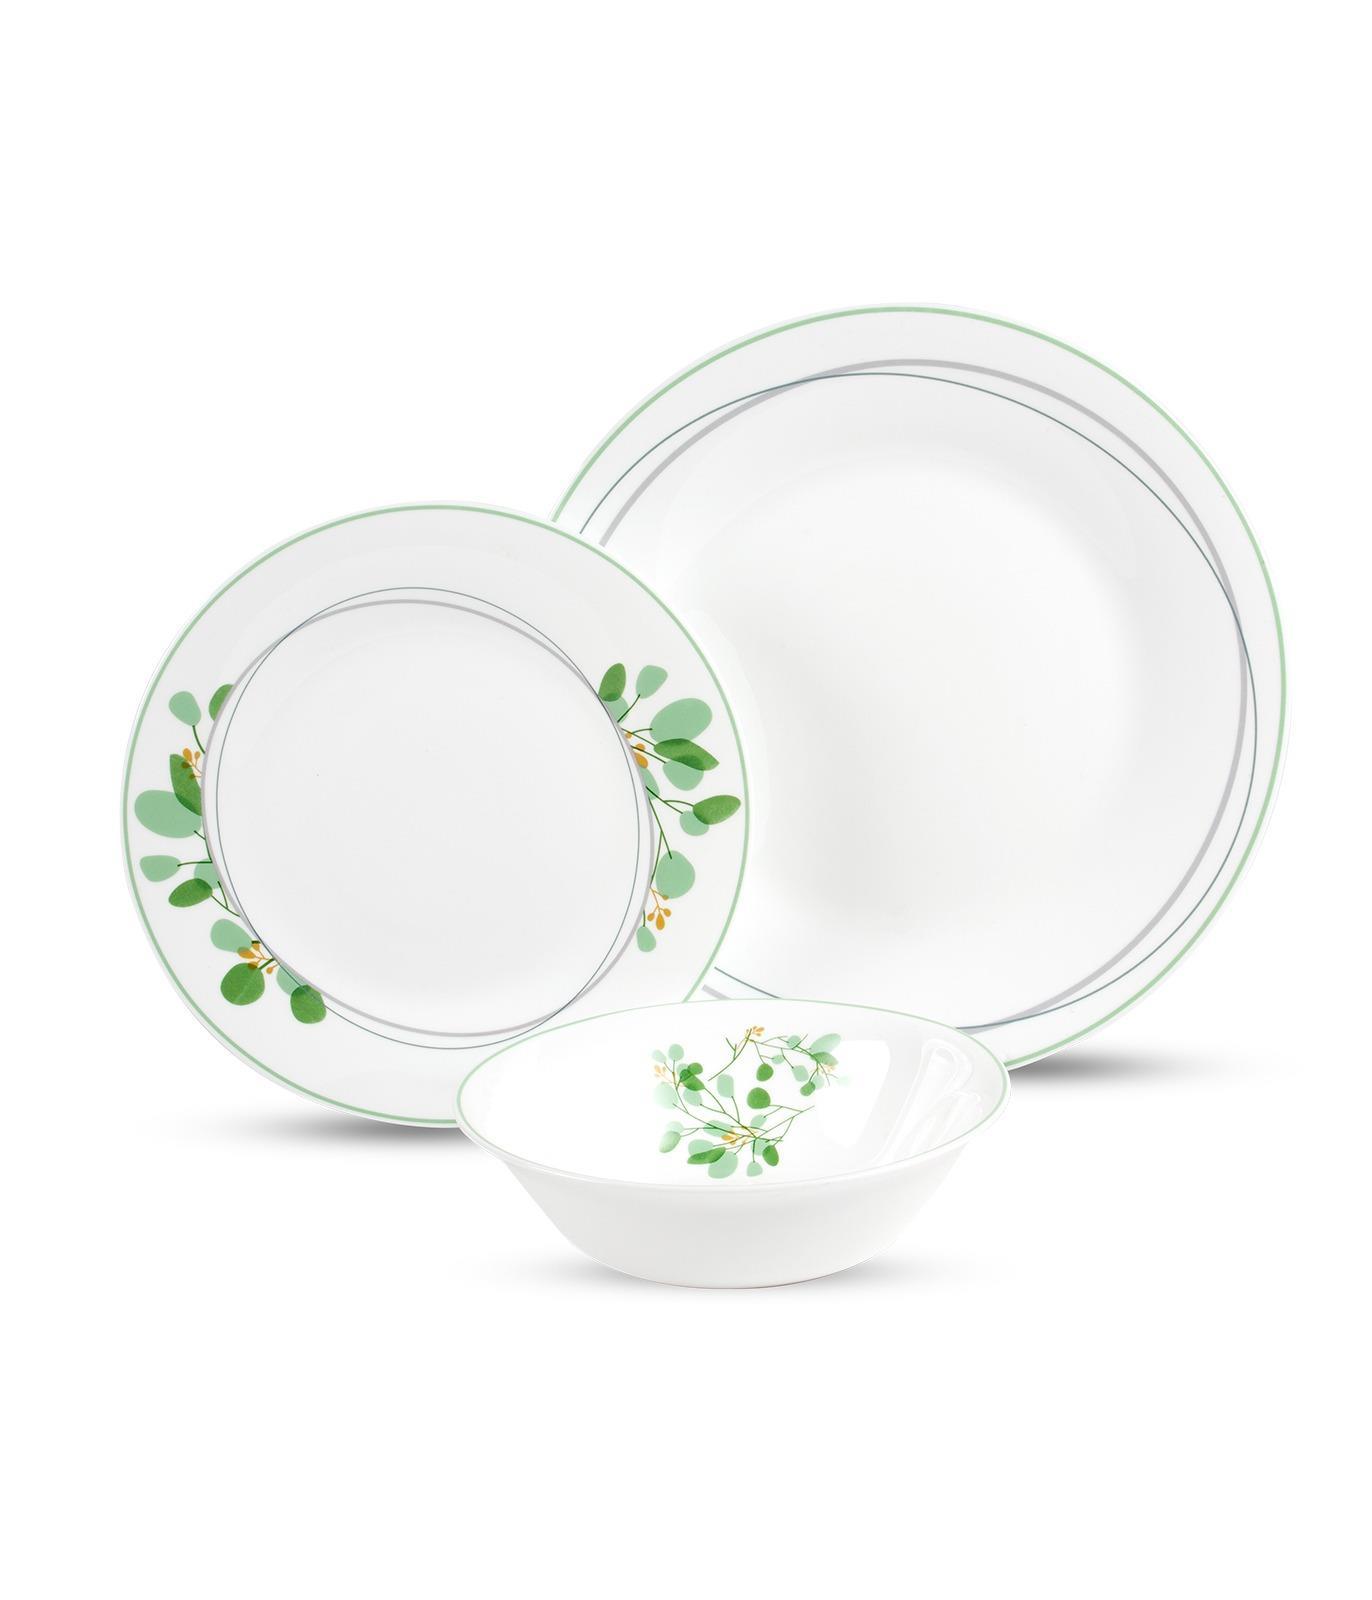 סט צלחות מעוטר מזכוכית אנטי צ'יפ 18 חלקים GREENERY DELICACY מבית פוד אפיל (Food Appeal), 18 חלקים